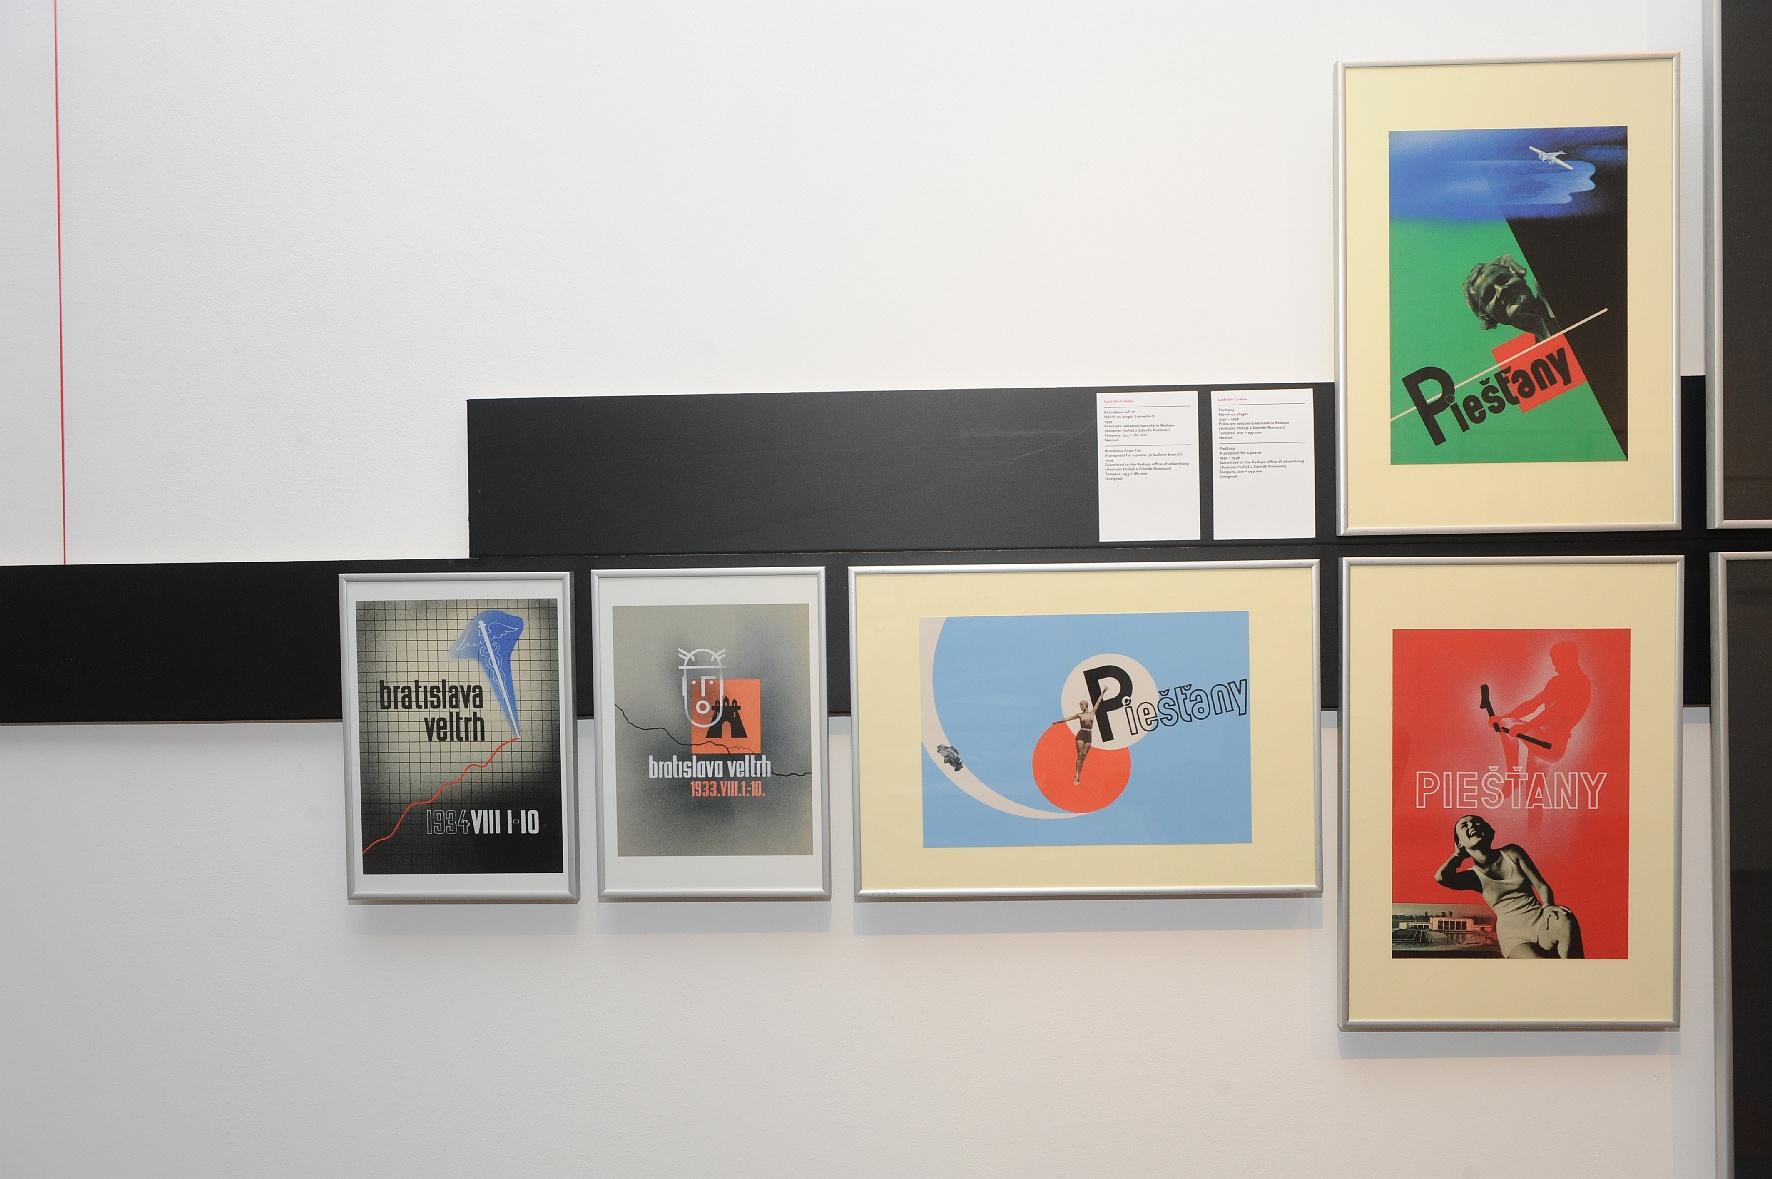 Návrh na plagát Bratislava – veľtrh, 1933, tempera, Návrh na plagát – Piešťany, tempera, 1932 – 1936 od Ladislava Csádera.